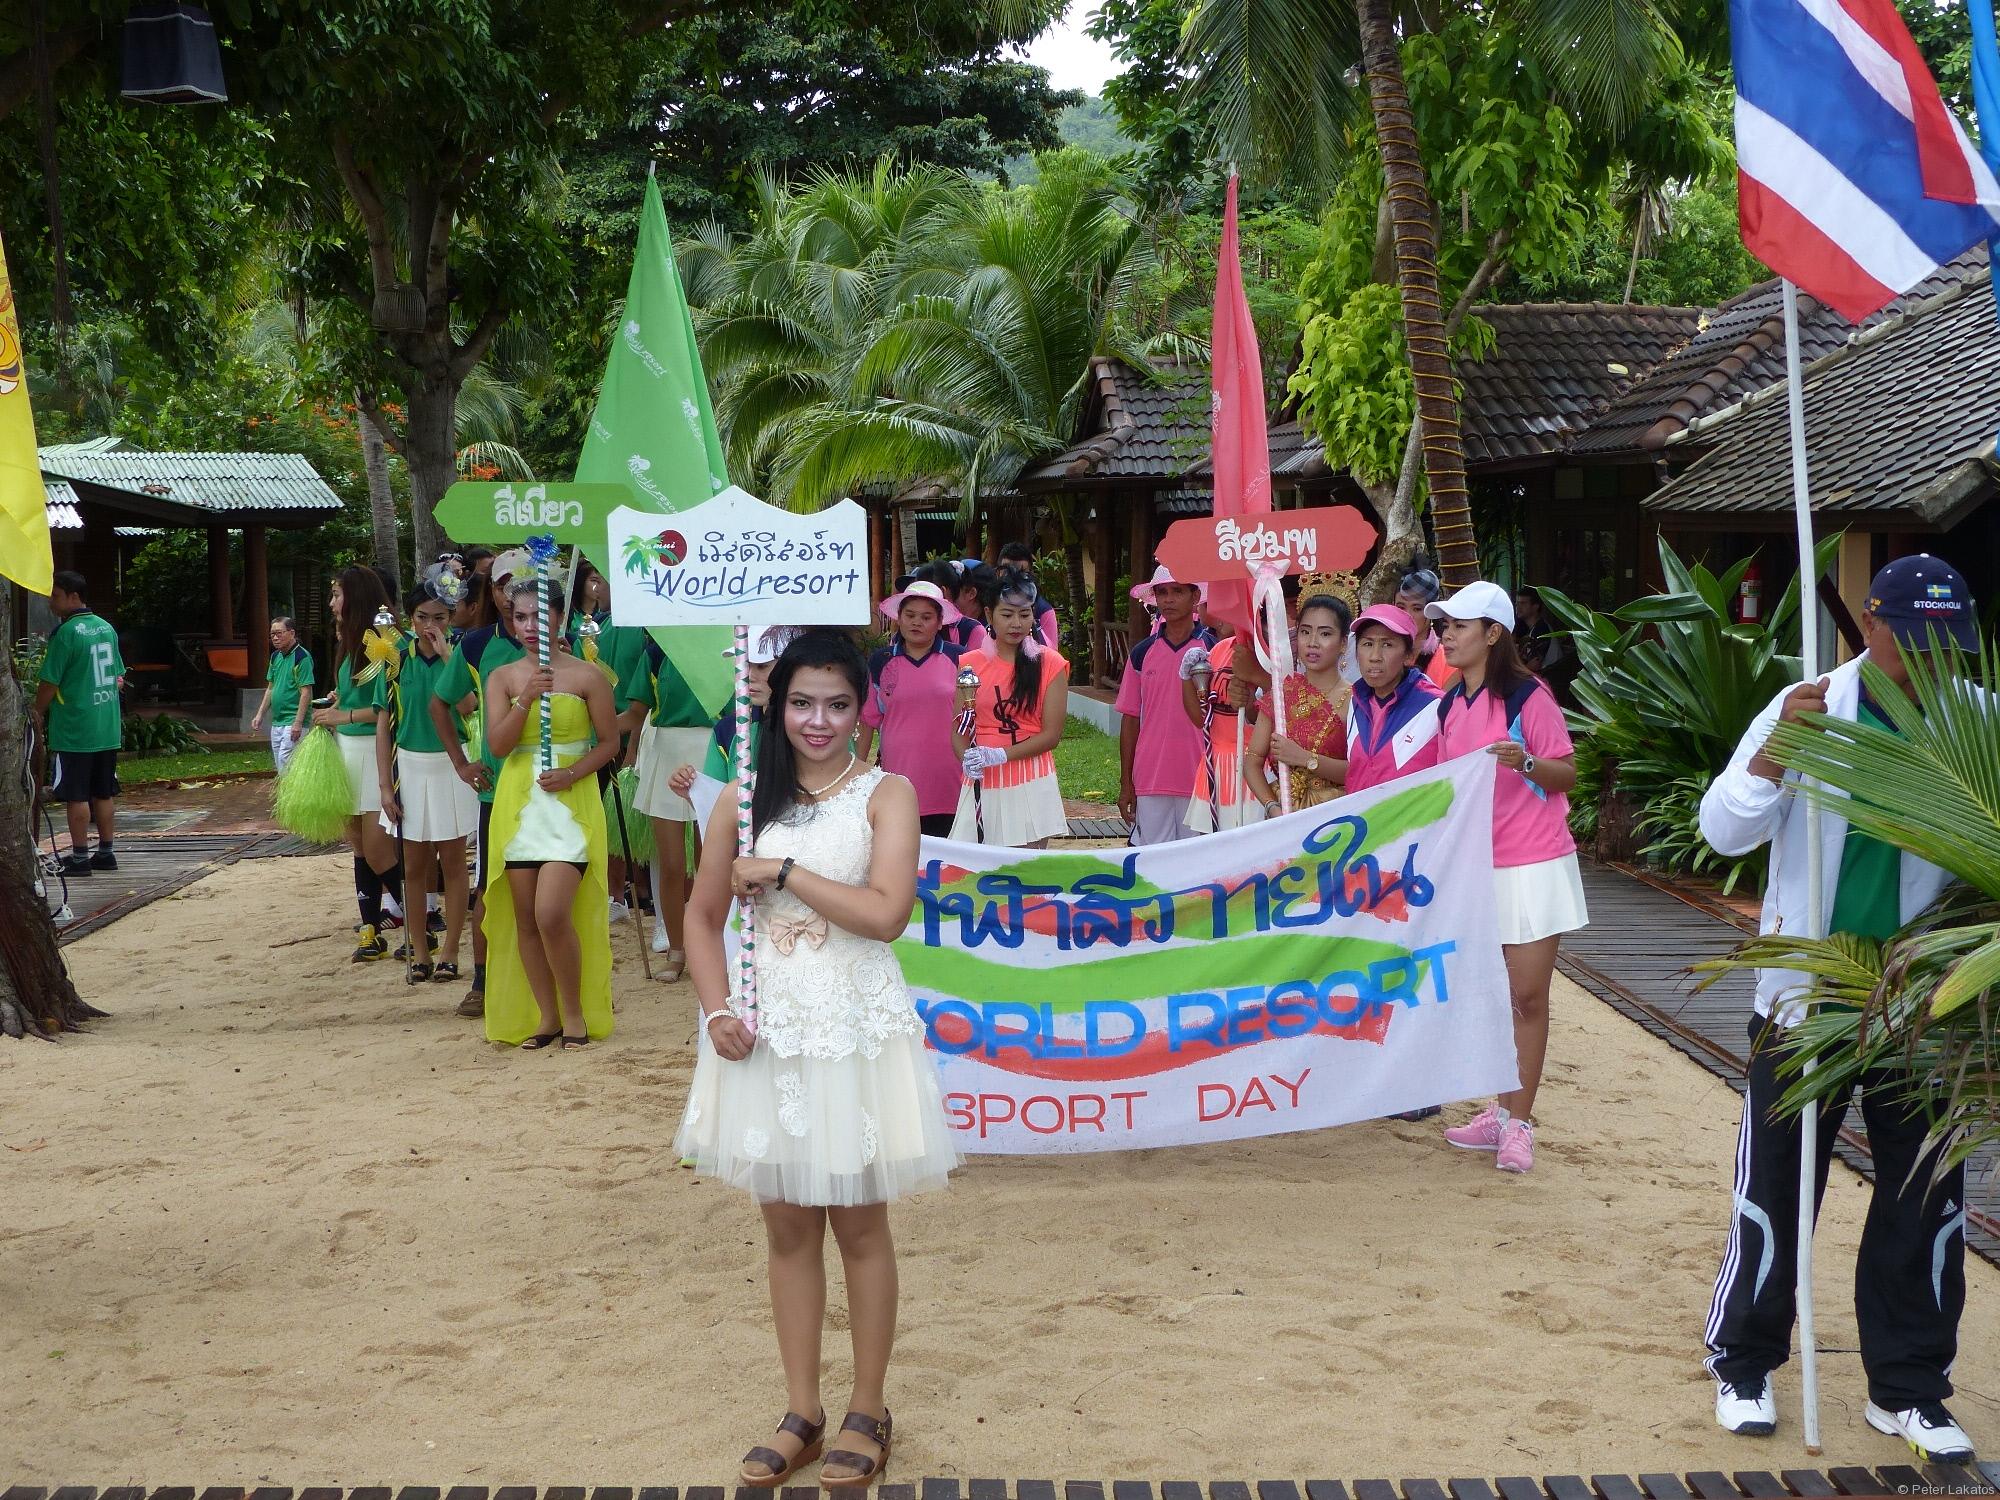 World Resort Sport Day